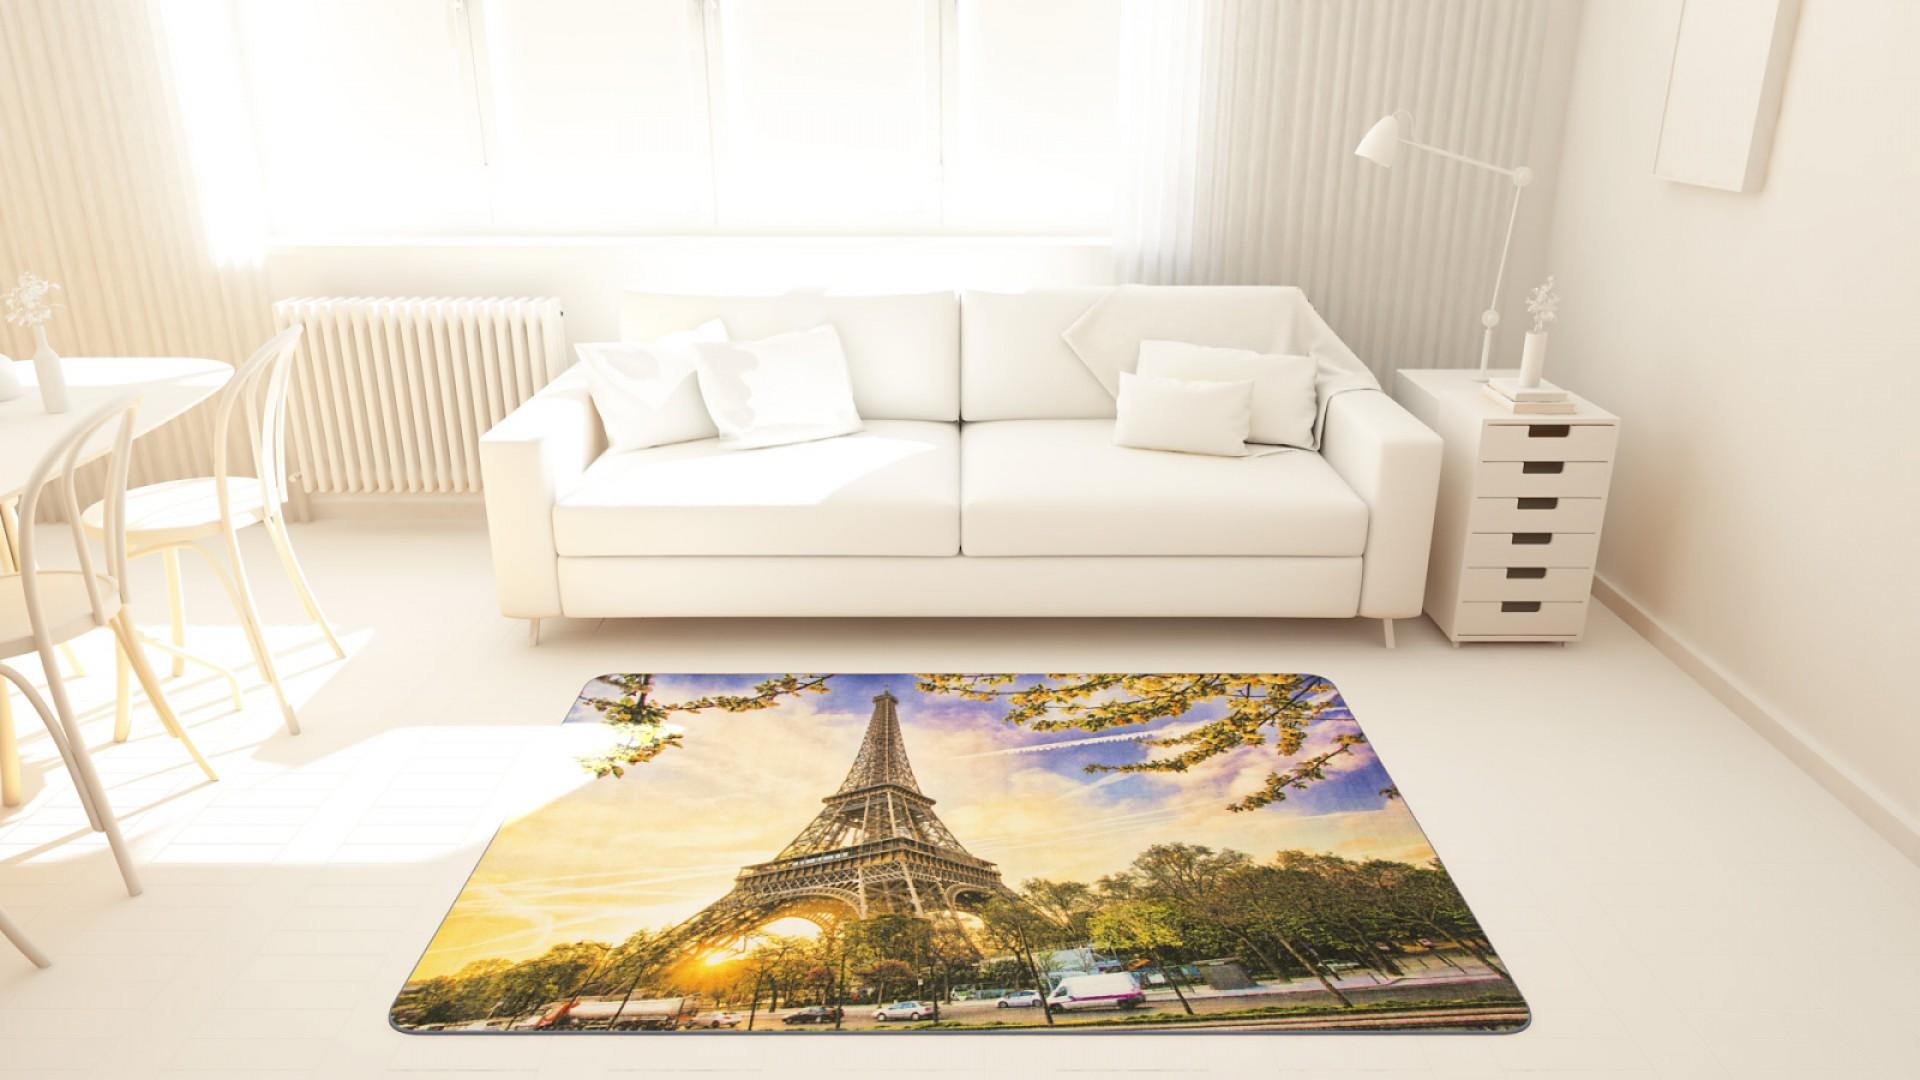 Tapis salon LIGNE PHOTOGRAPHE coucher de soleil bleu DEBONSOL